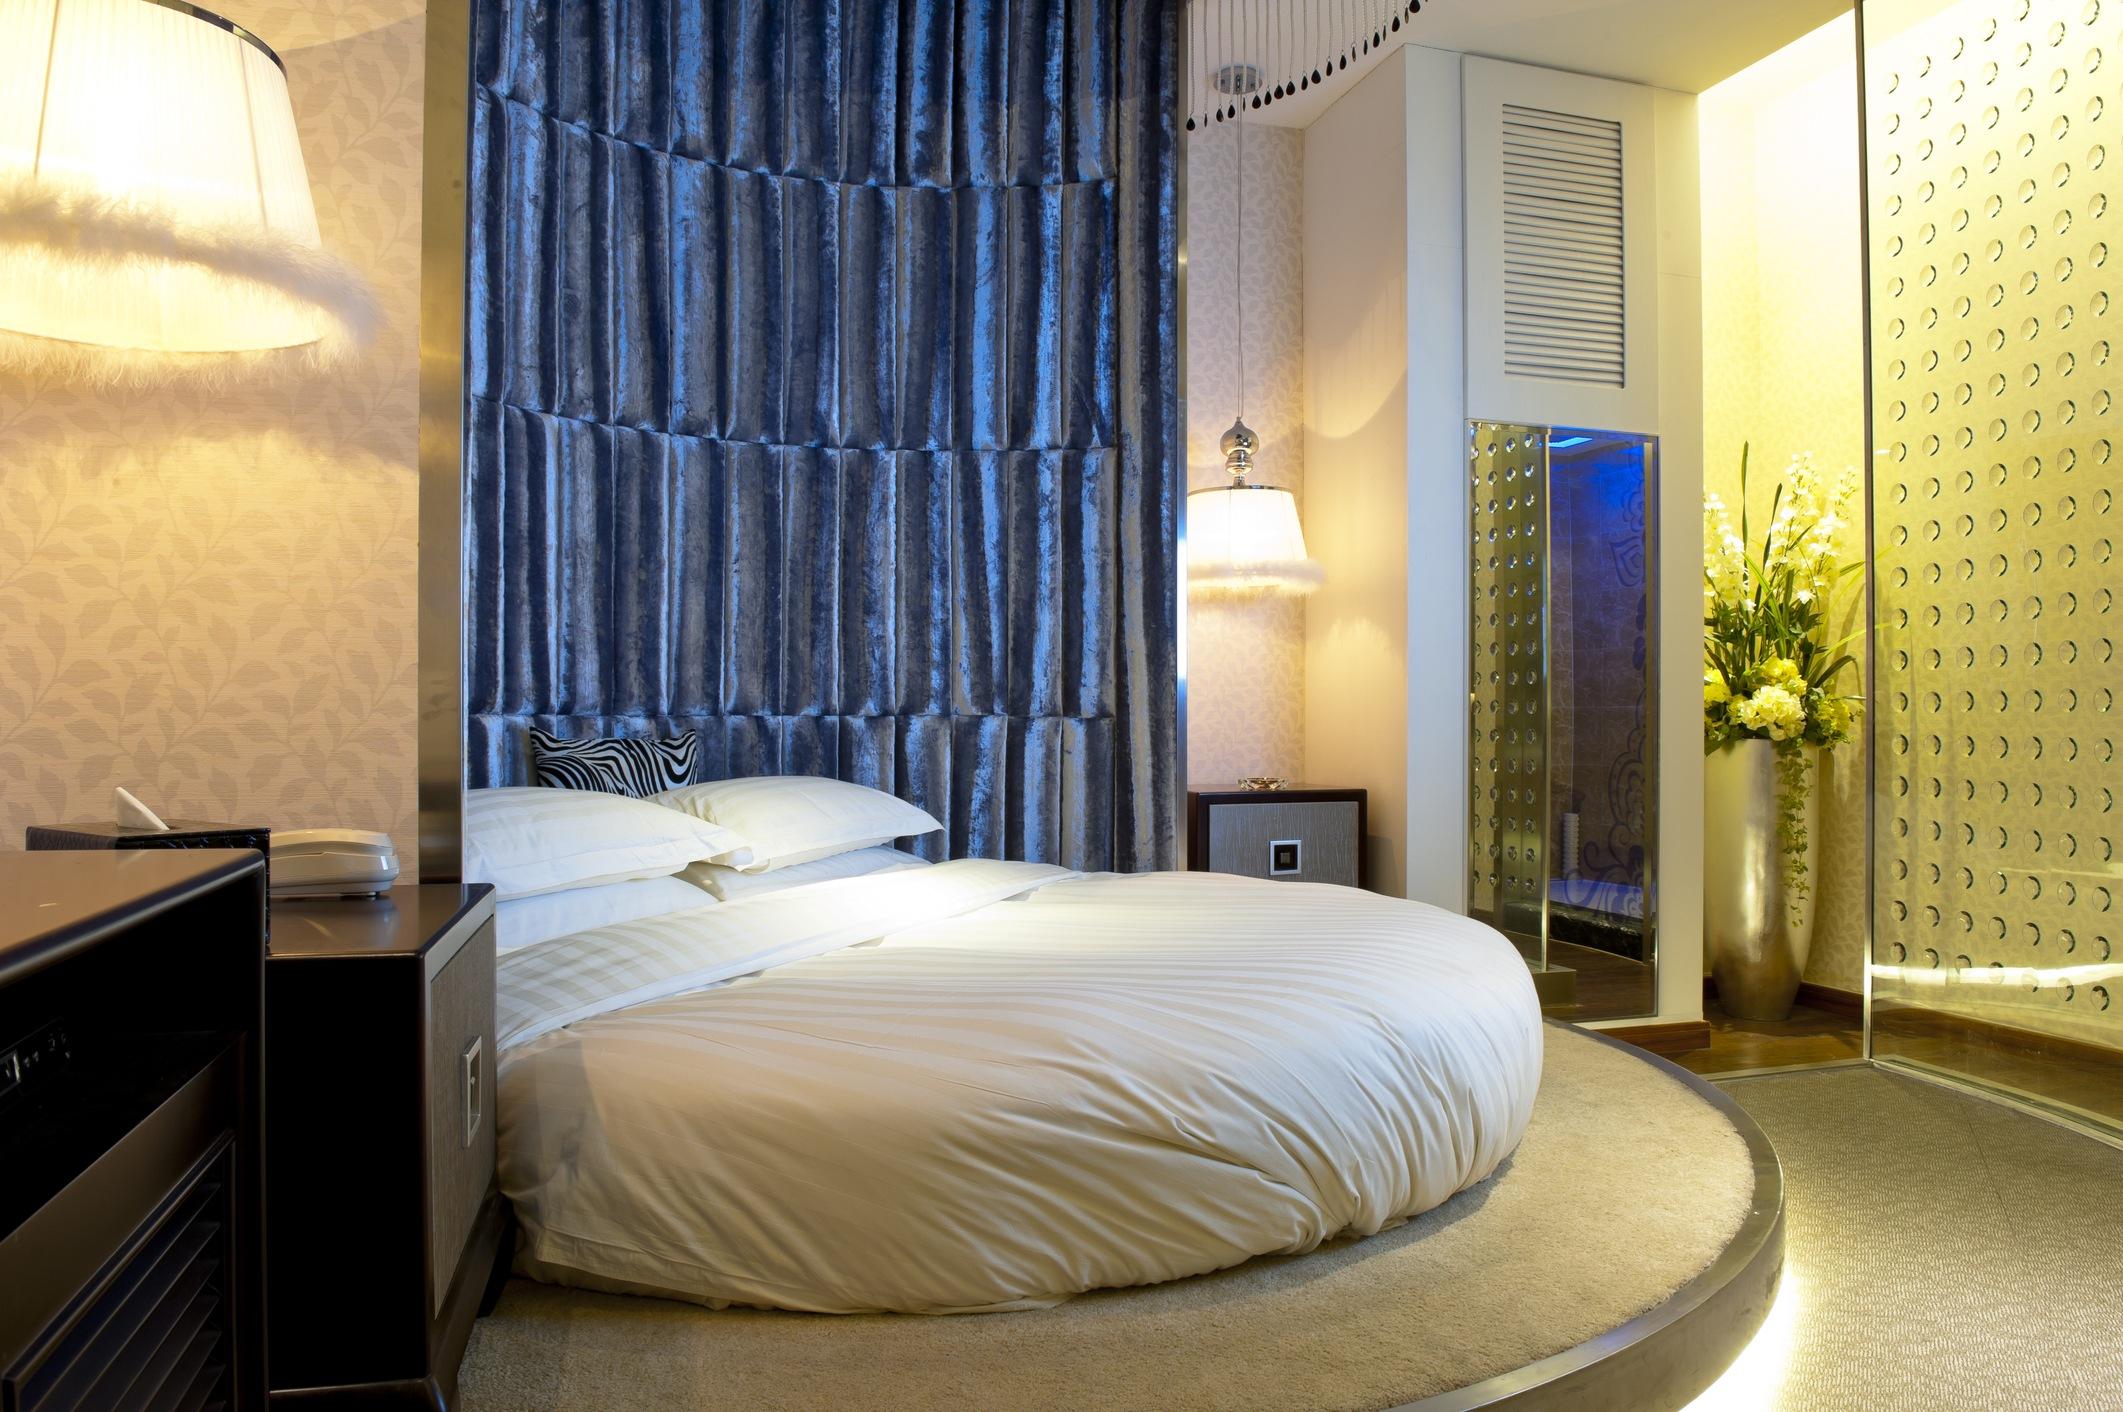 Round hotel bed